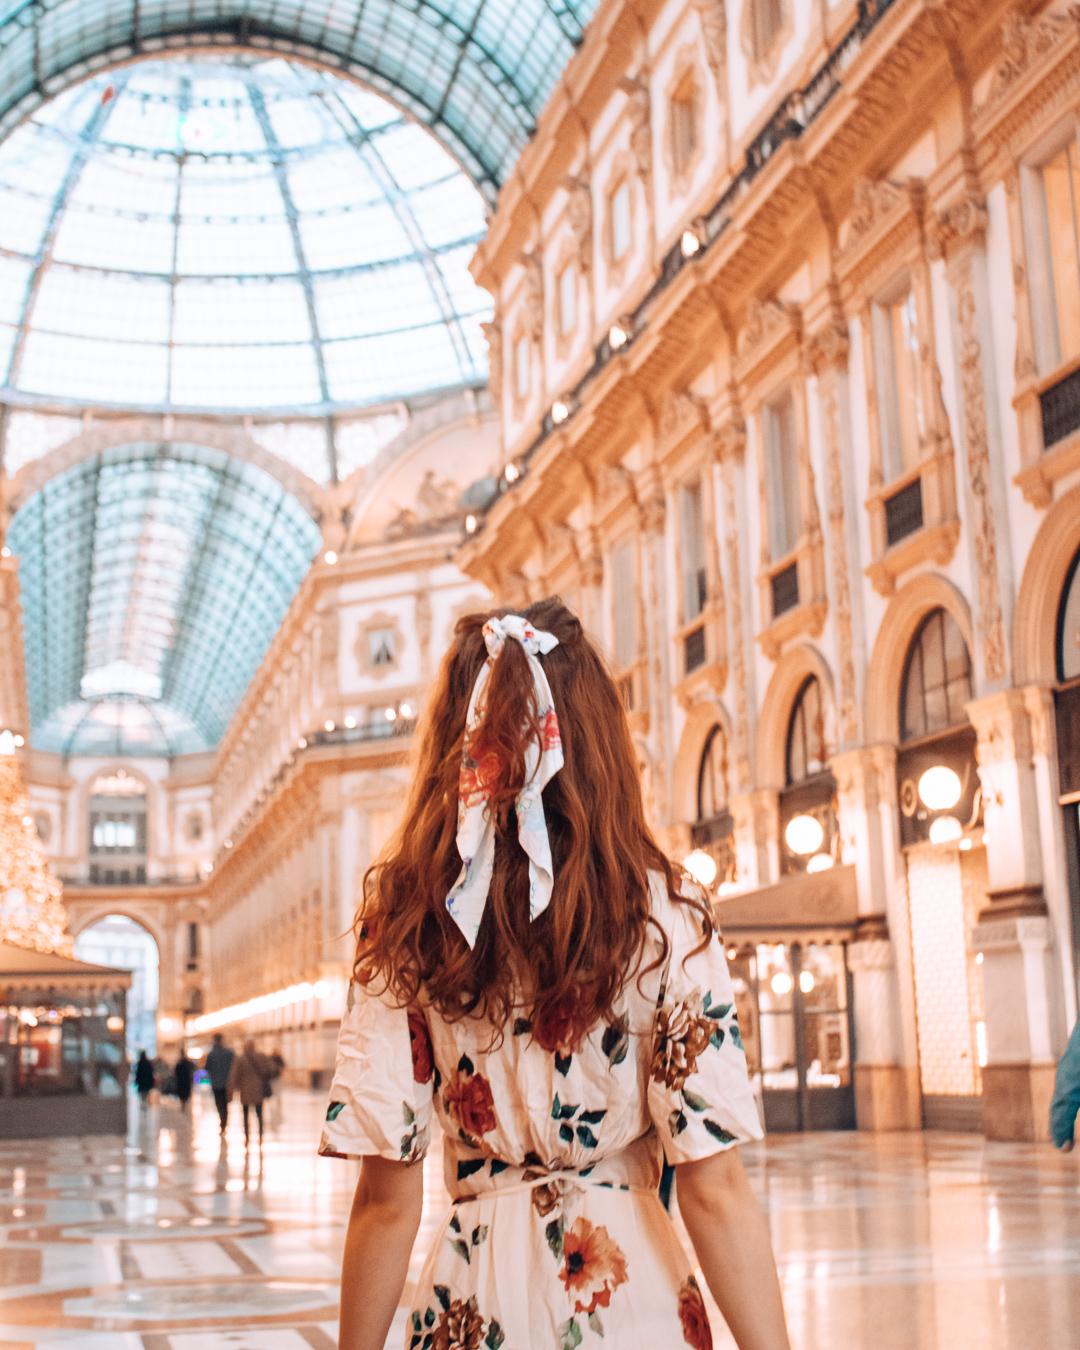 Girl in Galleria Vittorio Emanuele II